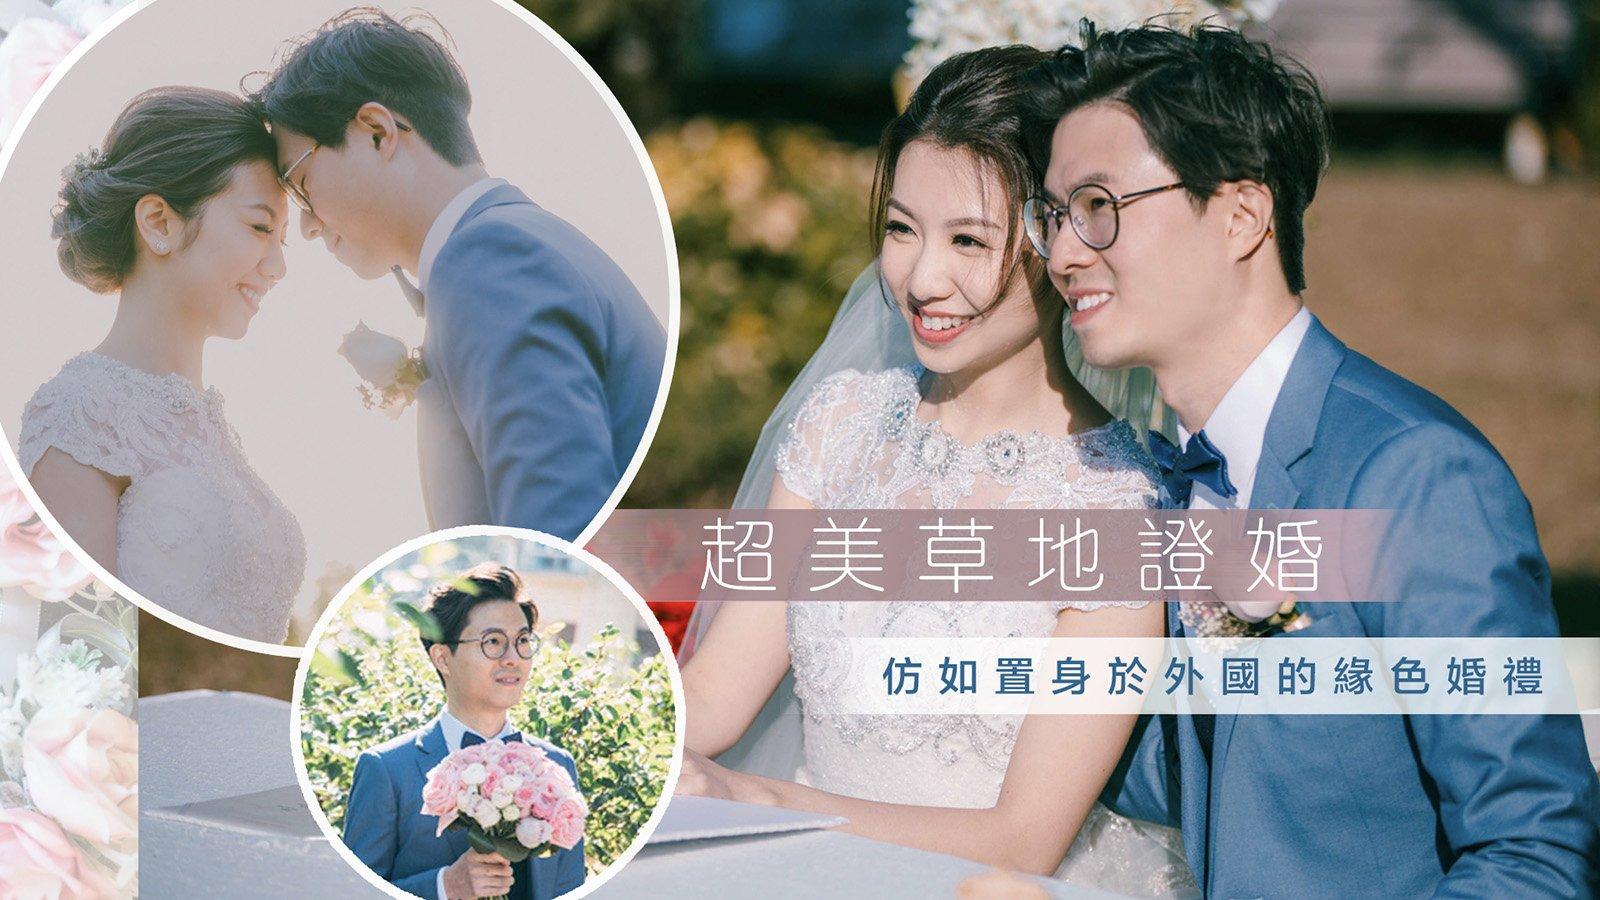 香港戶外草地證婚